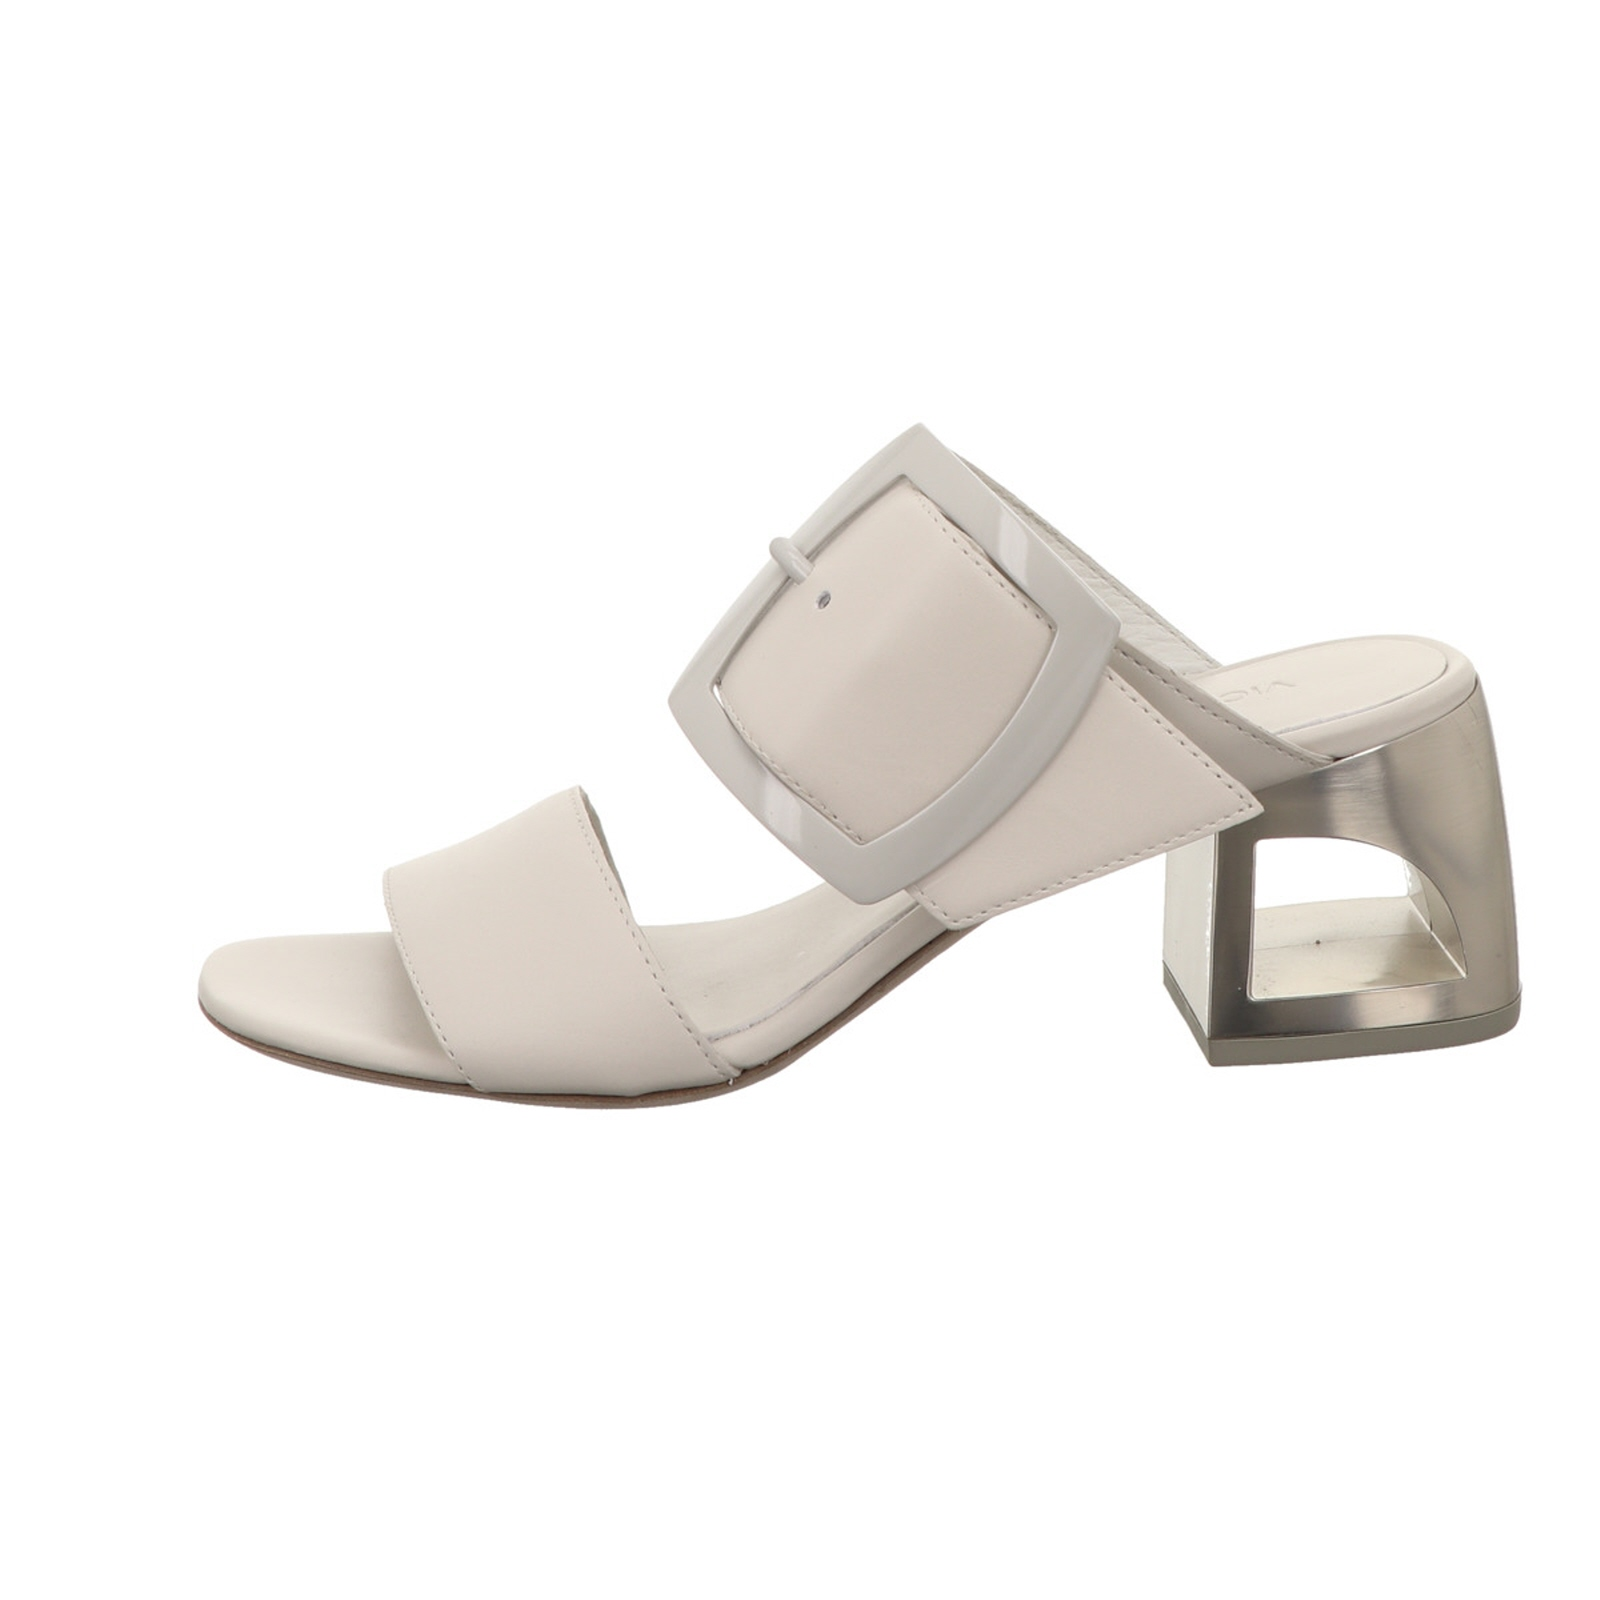 Señora sandalia es Vic genuina a la moda Weiss cuero liso nuevo